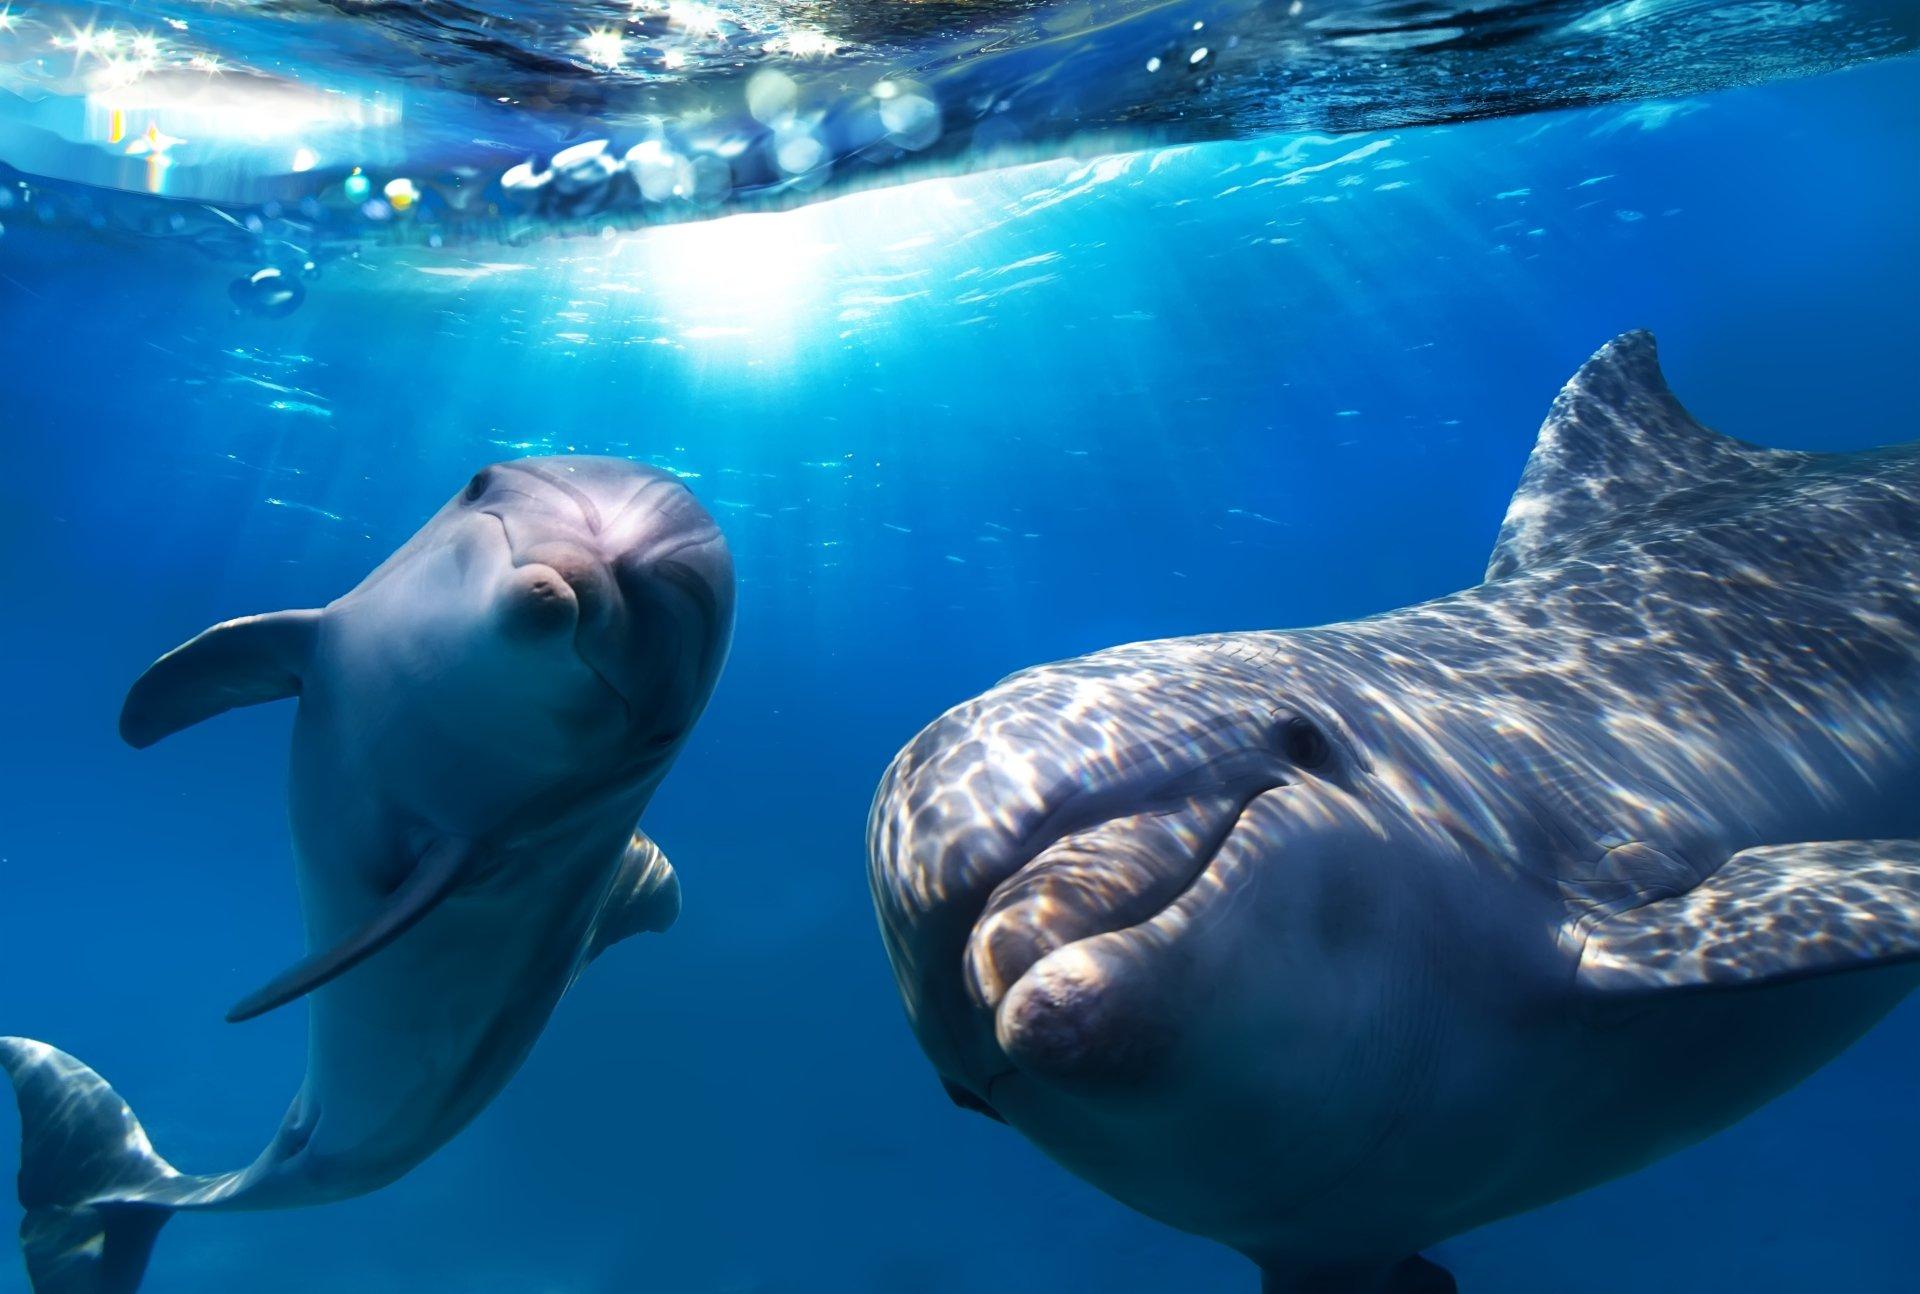 17 фактов о дельфинах, которых вы (вероятно) не знали.